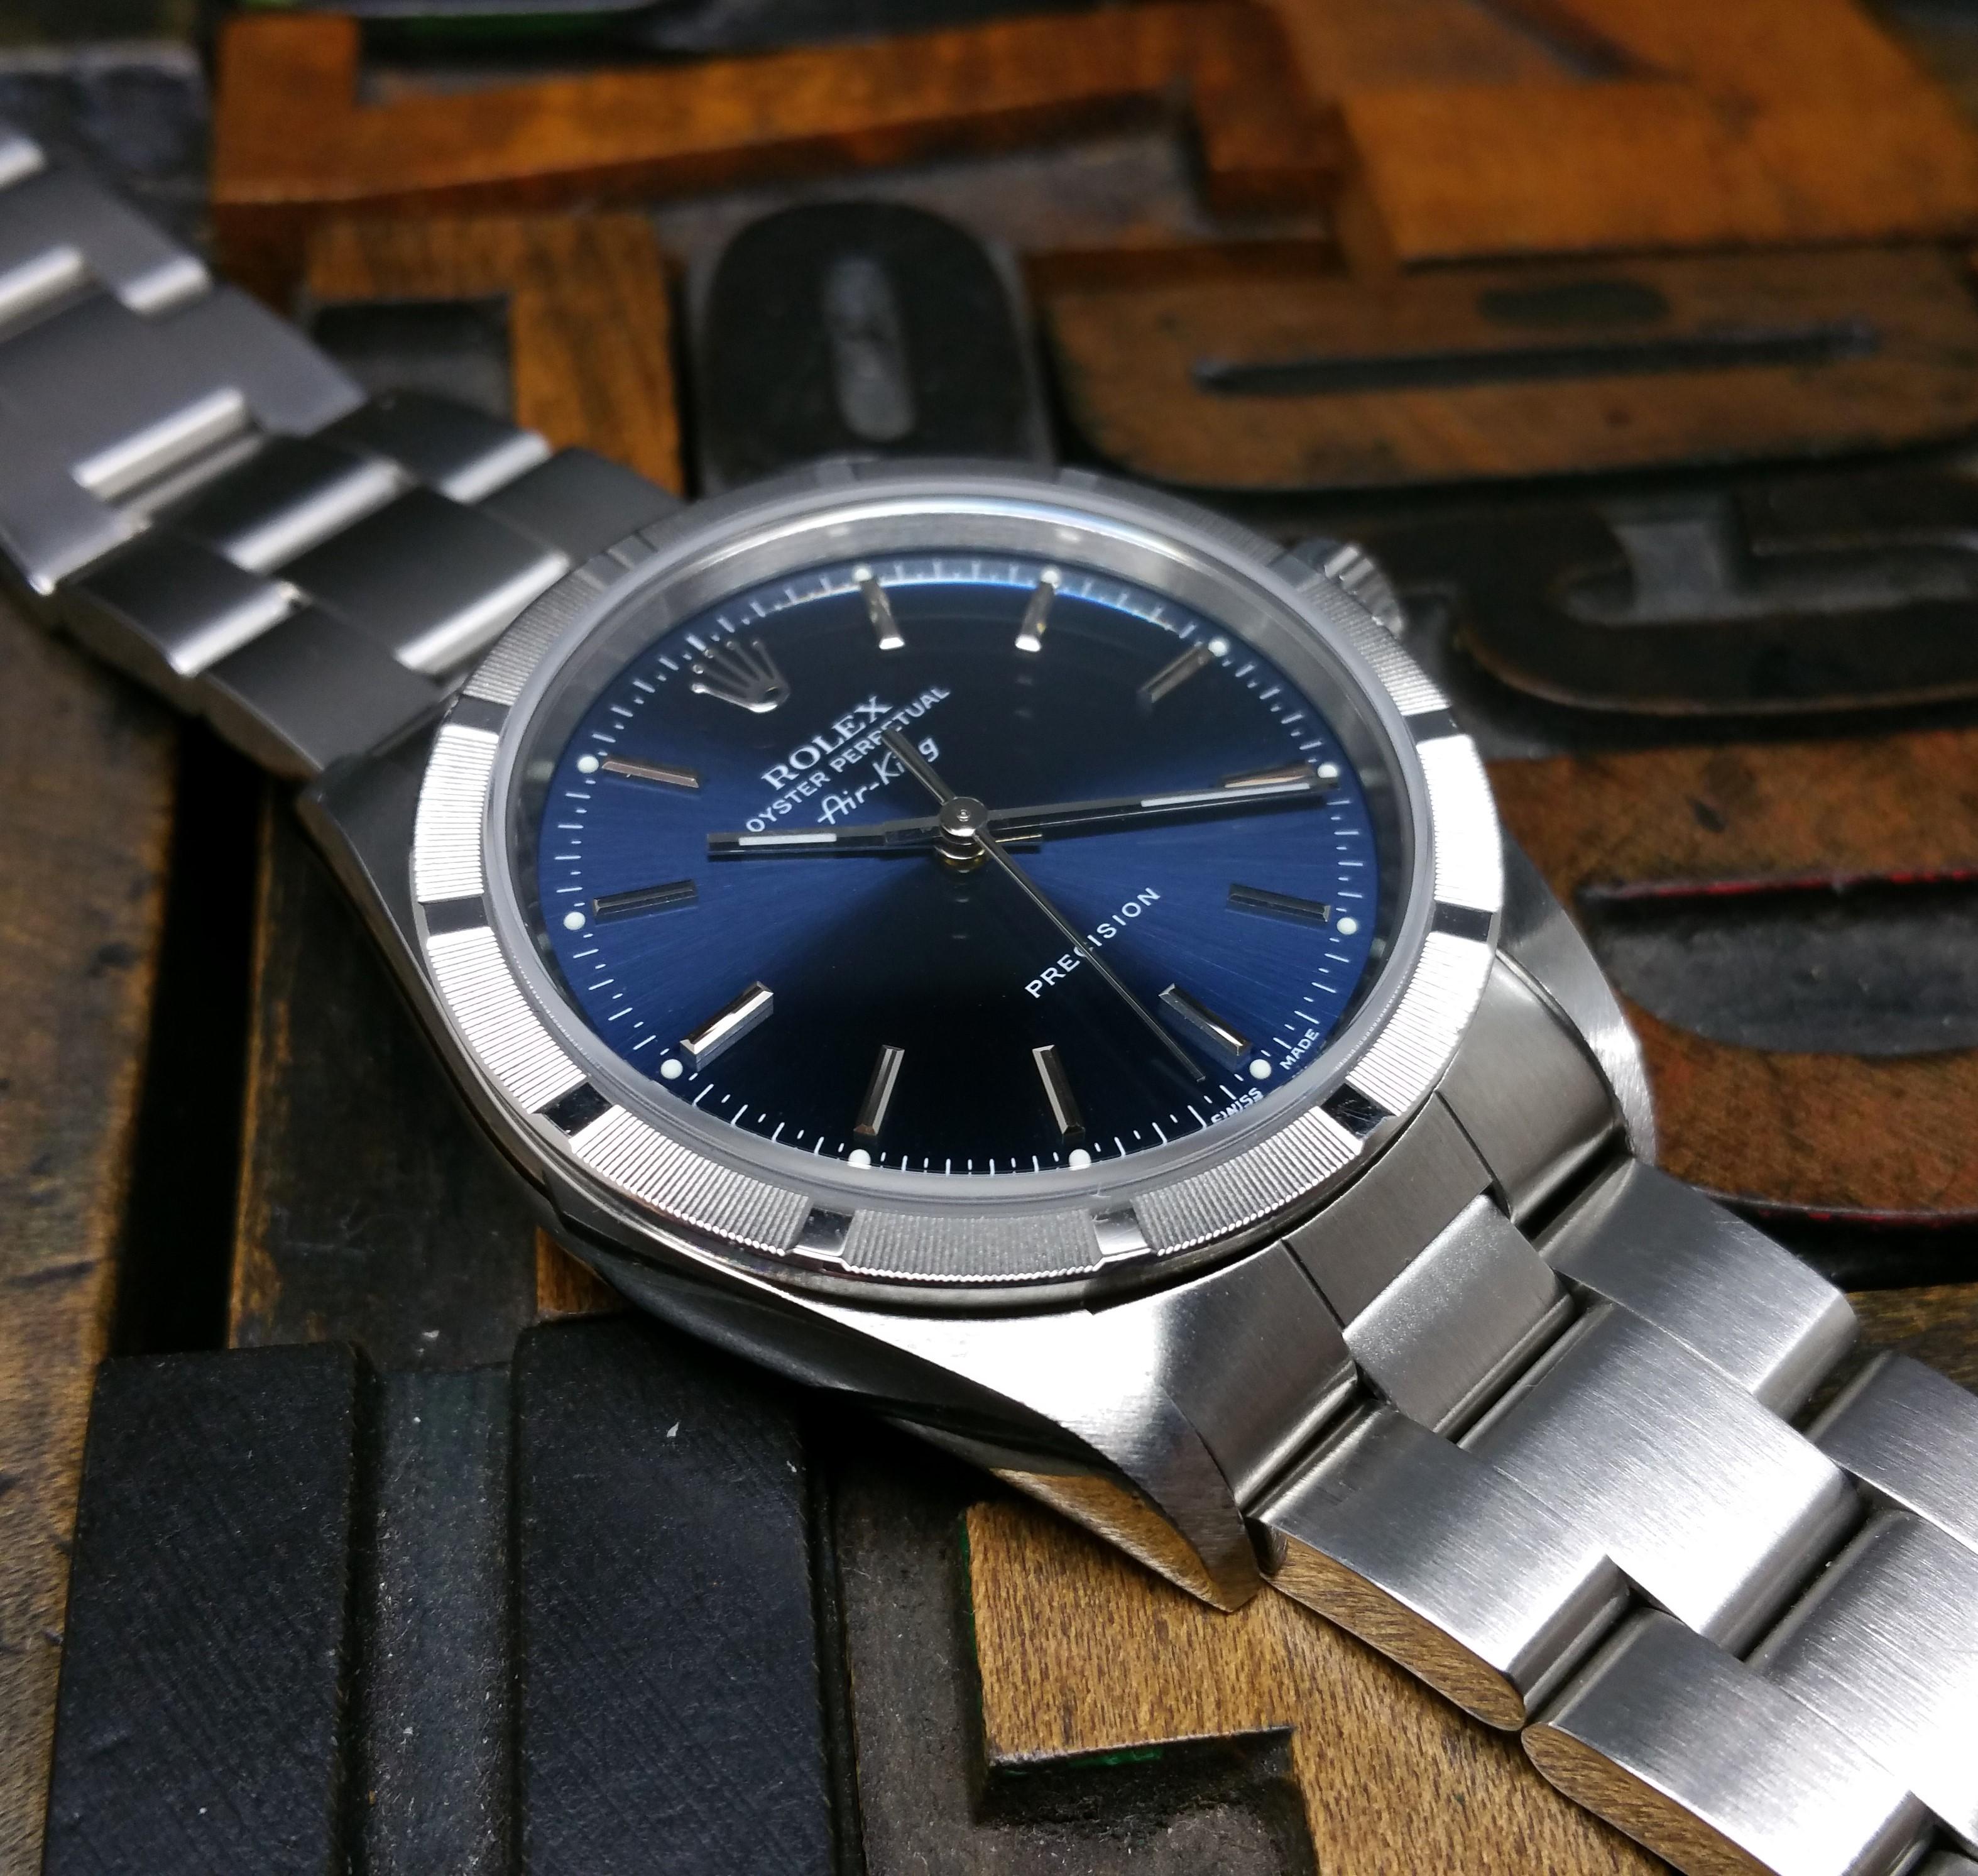 2010 Rolex Air King 14010 Blue Dial